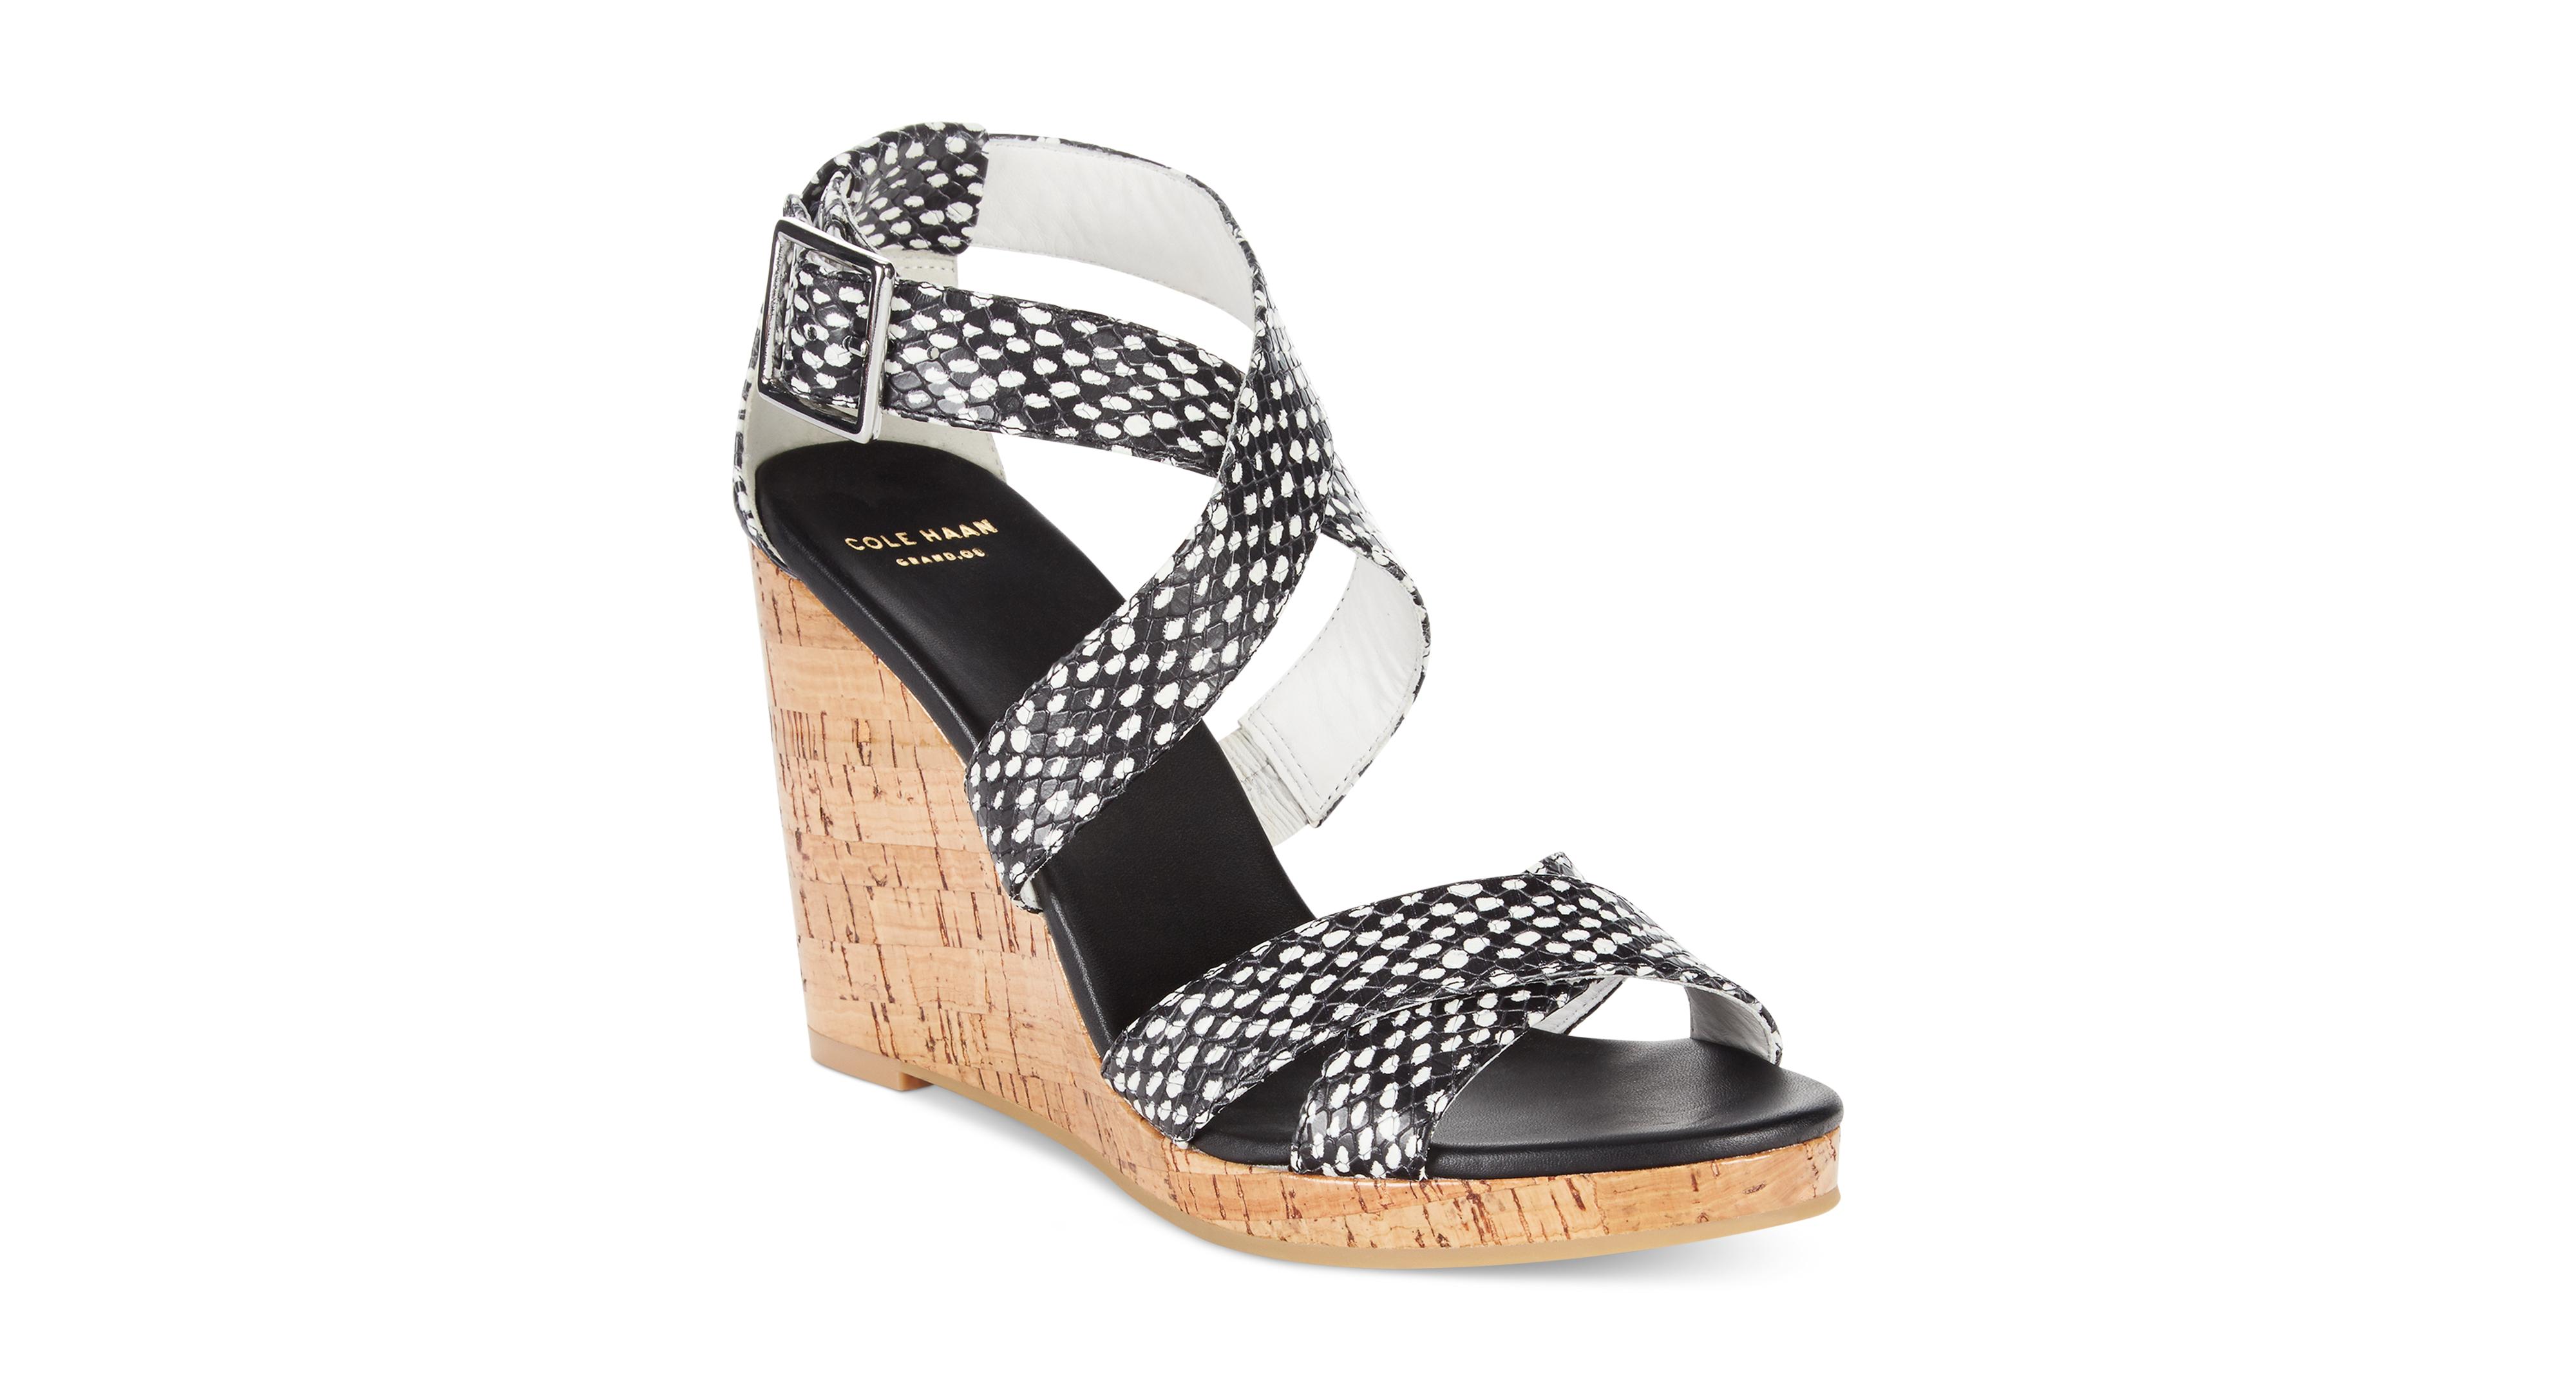 Cole Haan Women's Jillian Wedge Sandals